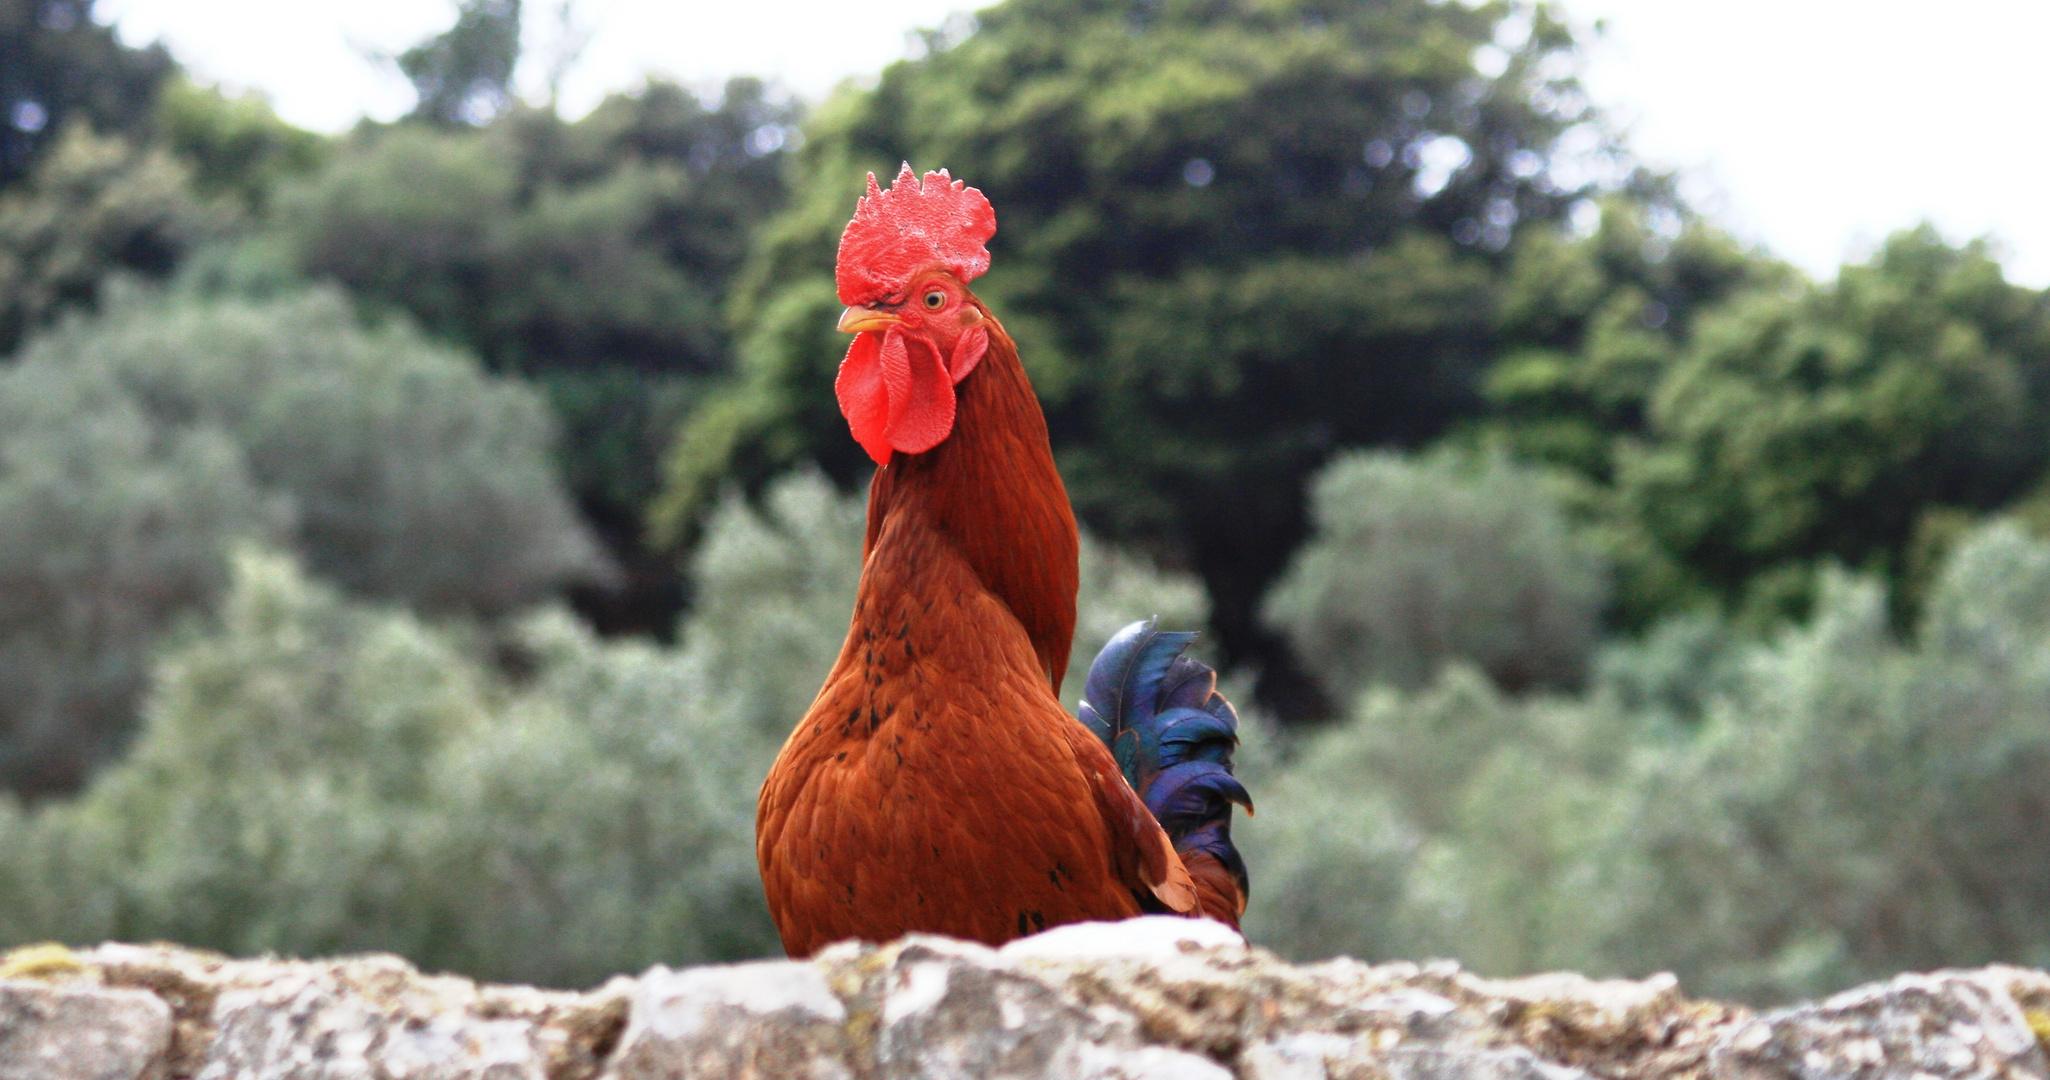 ... ich wünscht ich wäre ein Huhn, ich hätt nicht viel zu tun ...